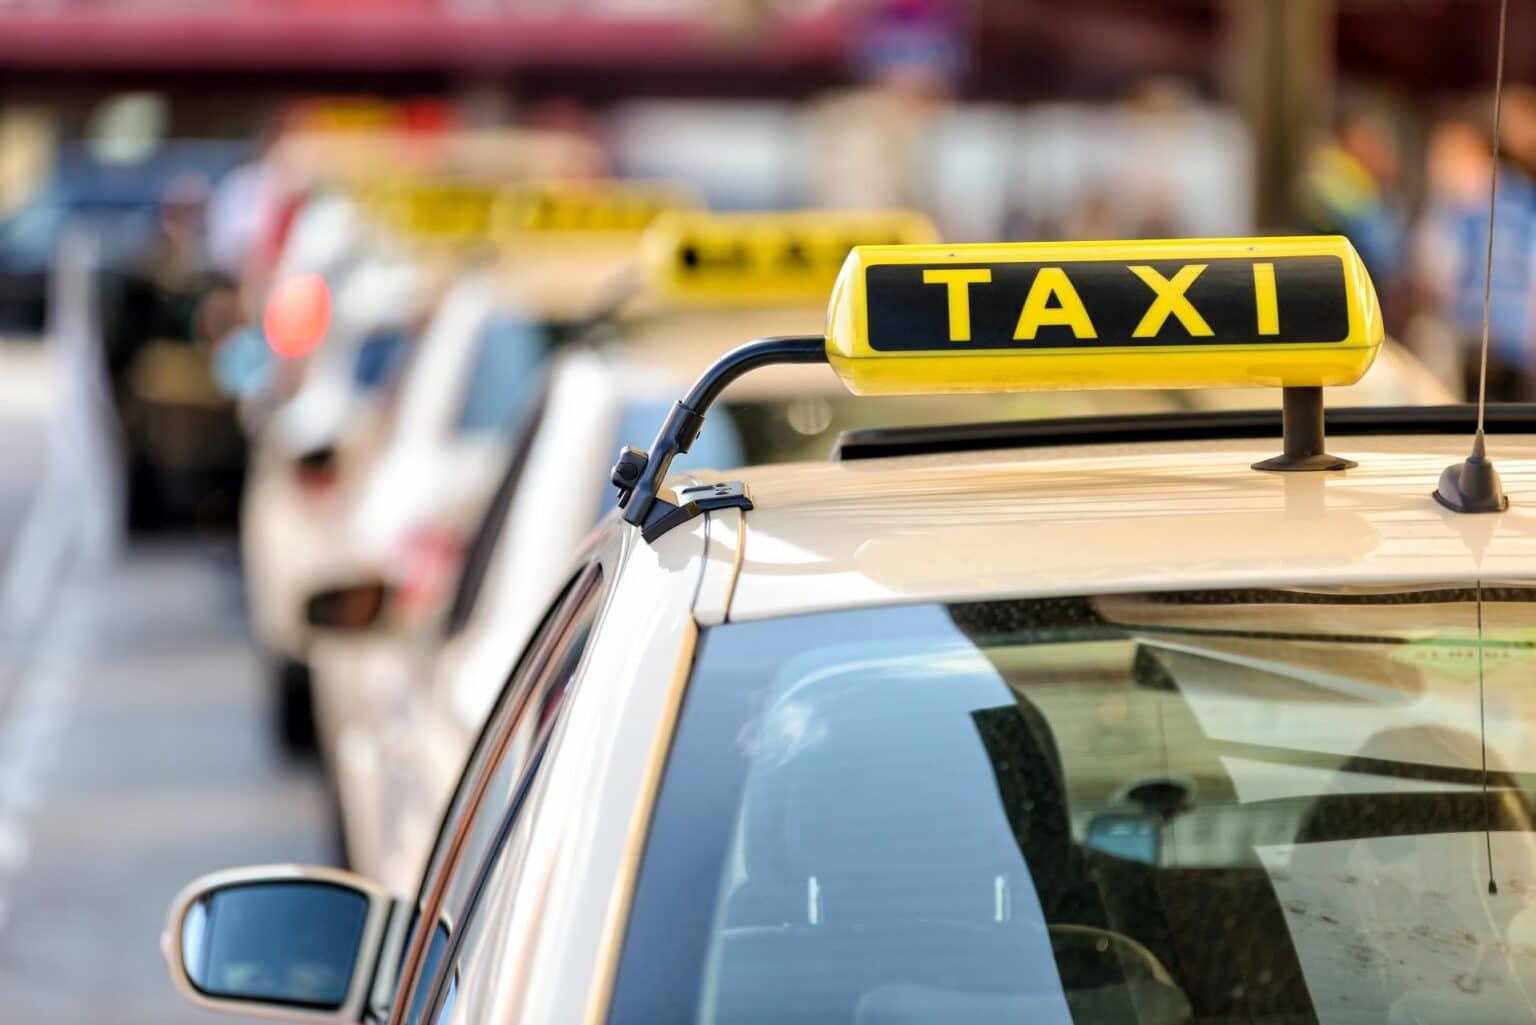 Mehrere Taxis stehen aufgereiht an einem Taxi-Stand